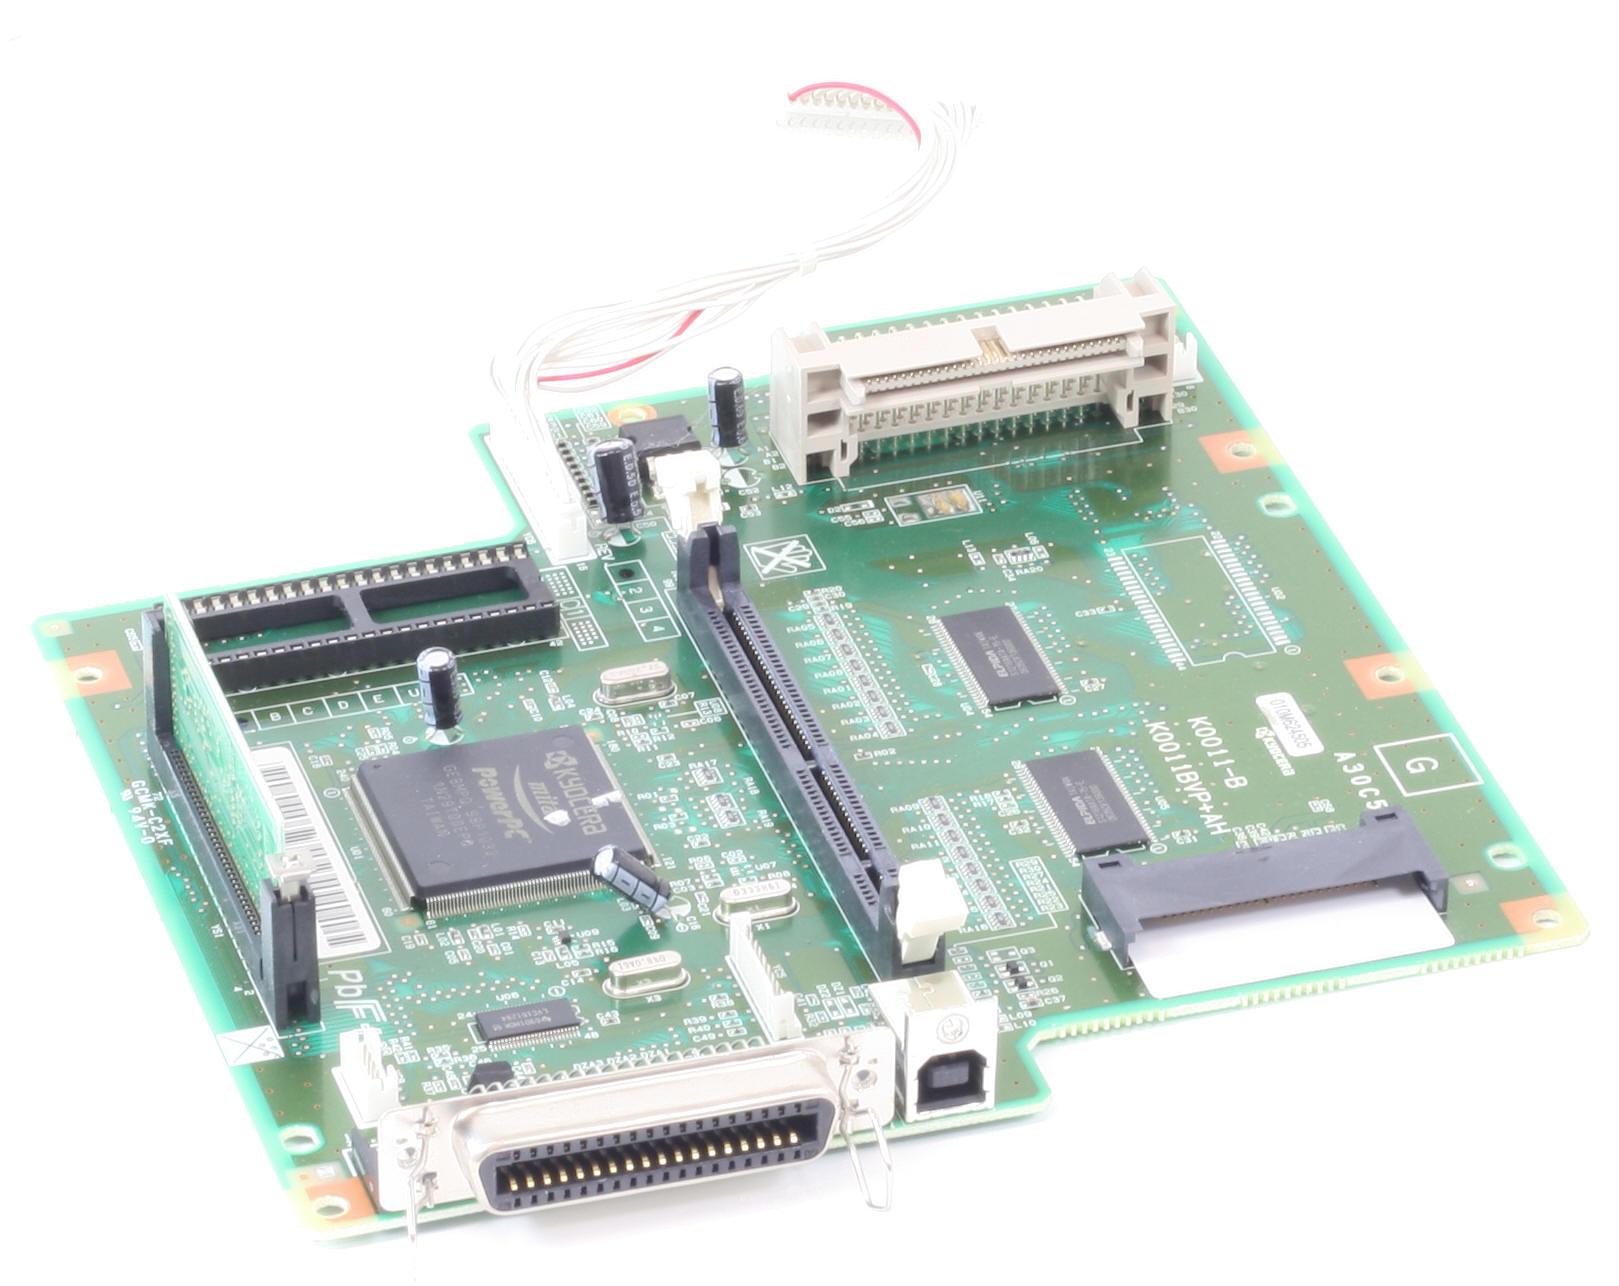 Kyocera Formatter 2G60110 Board für FS-1030D gebraucht K0011-B gebraucht